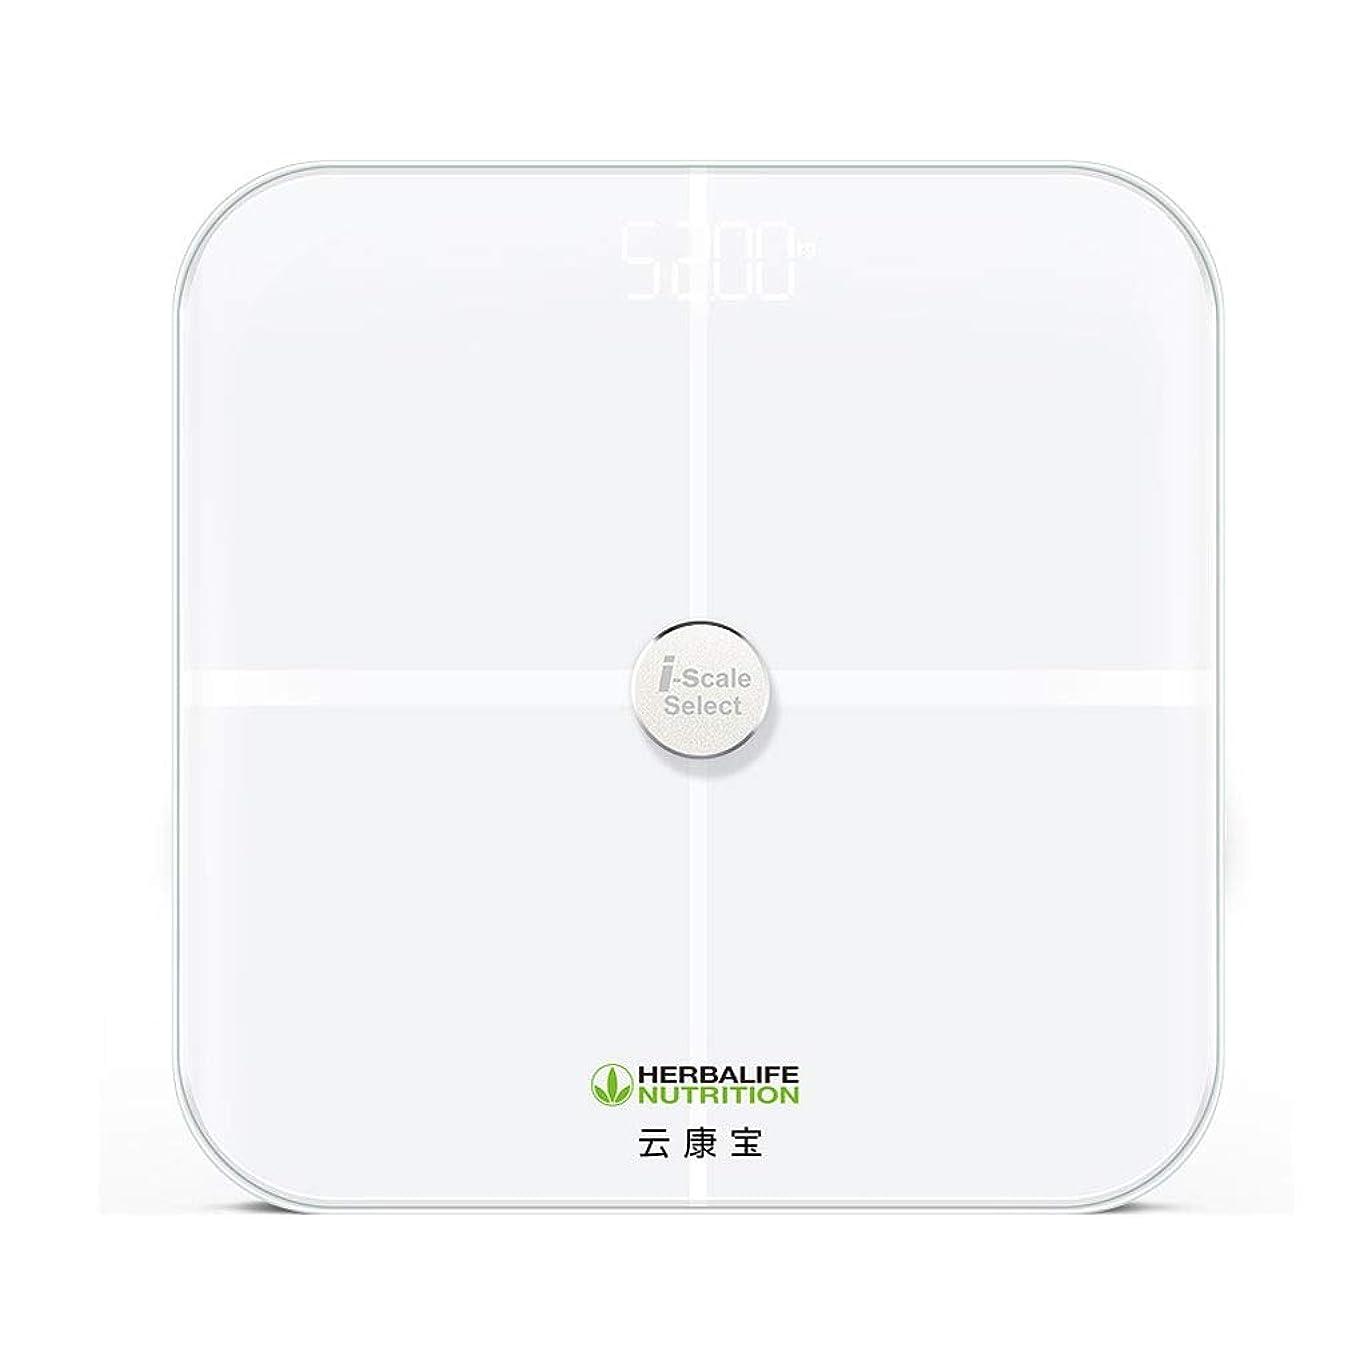 ふける化学薬品よく話される硝子体脂肪計、電子体重計、超薄型デジタル体重計、高精度センサー - 金属(ガラス)製直接31cm